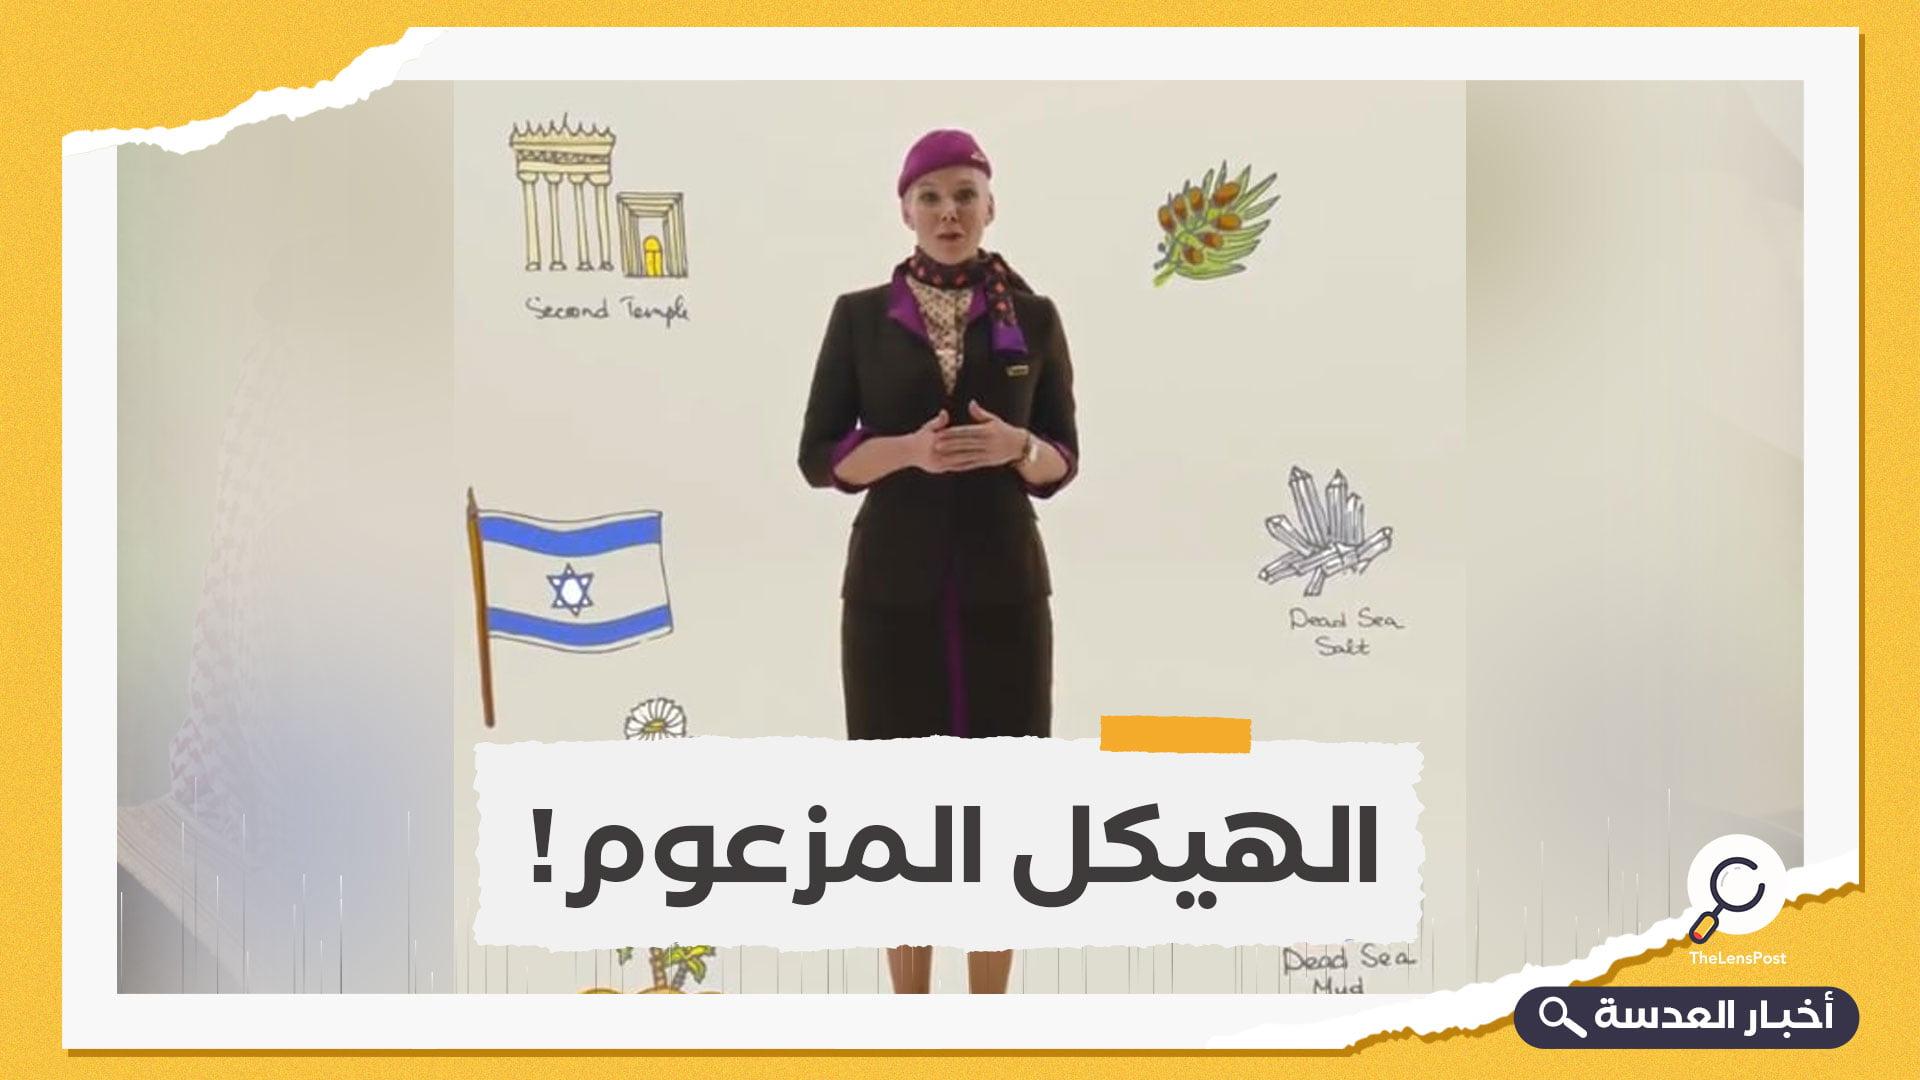 إعلان مخزي.. الاتحاد الإماراتية تتملق إسرائيل وتروج للهيكل اليهودي المزعوم!